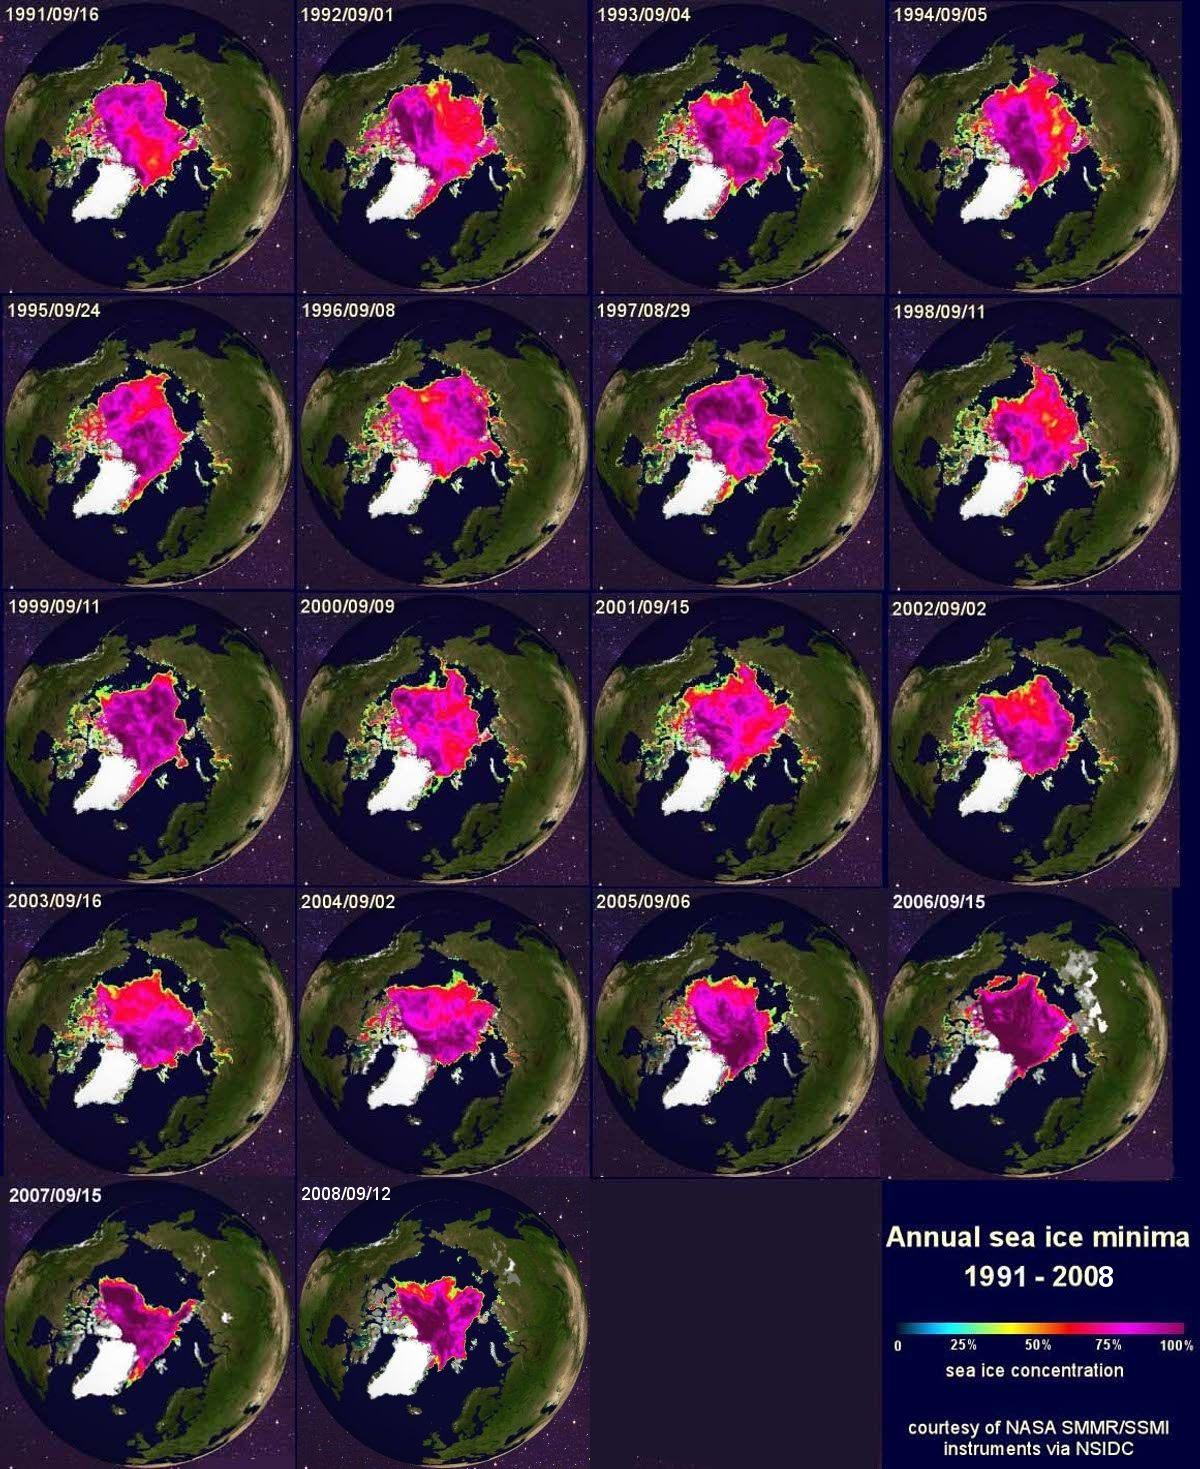 Évolution de la banquise de septembre (taille minimale en fin d'été) entre 1991 et 2008